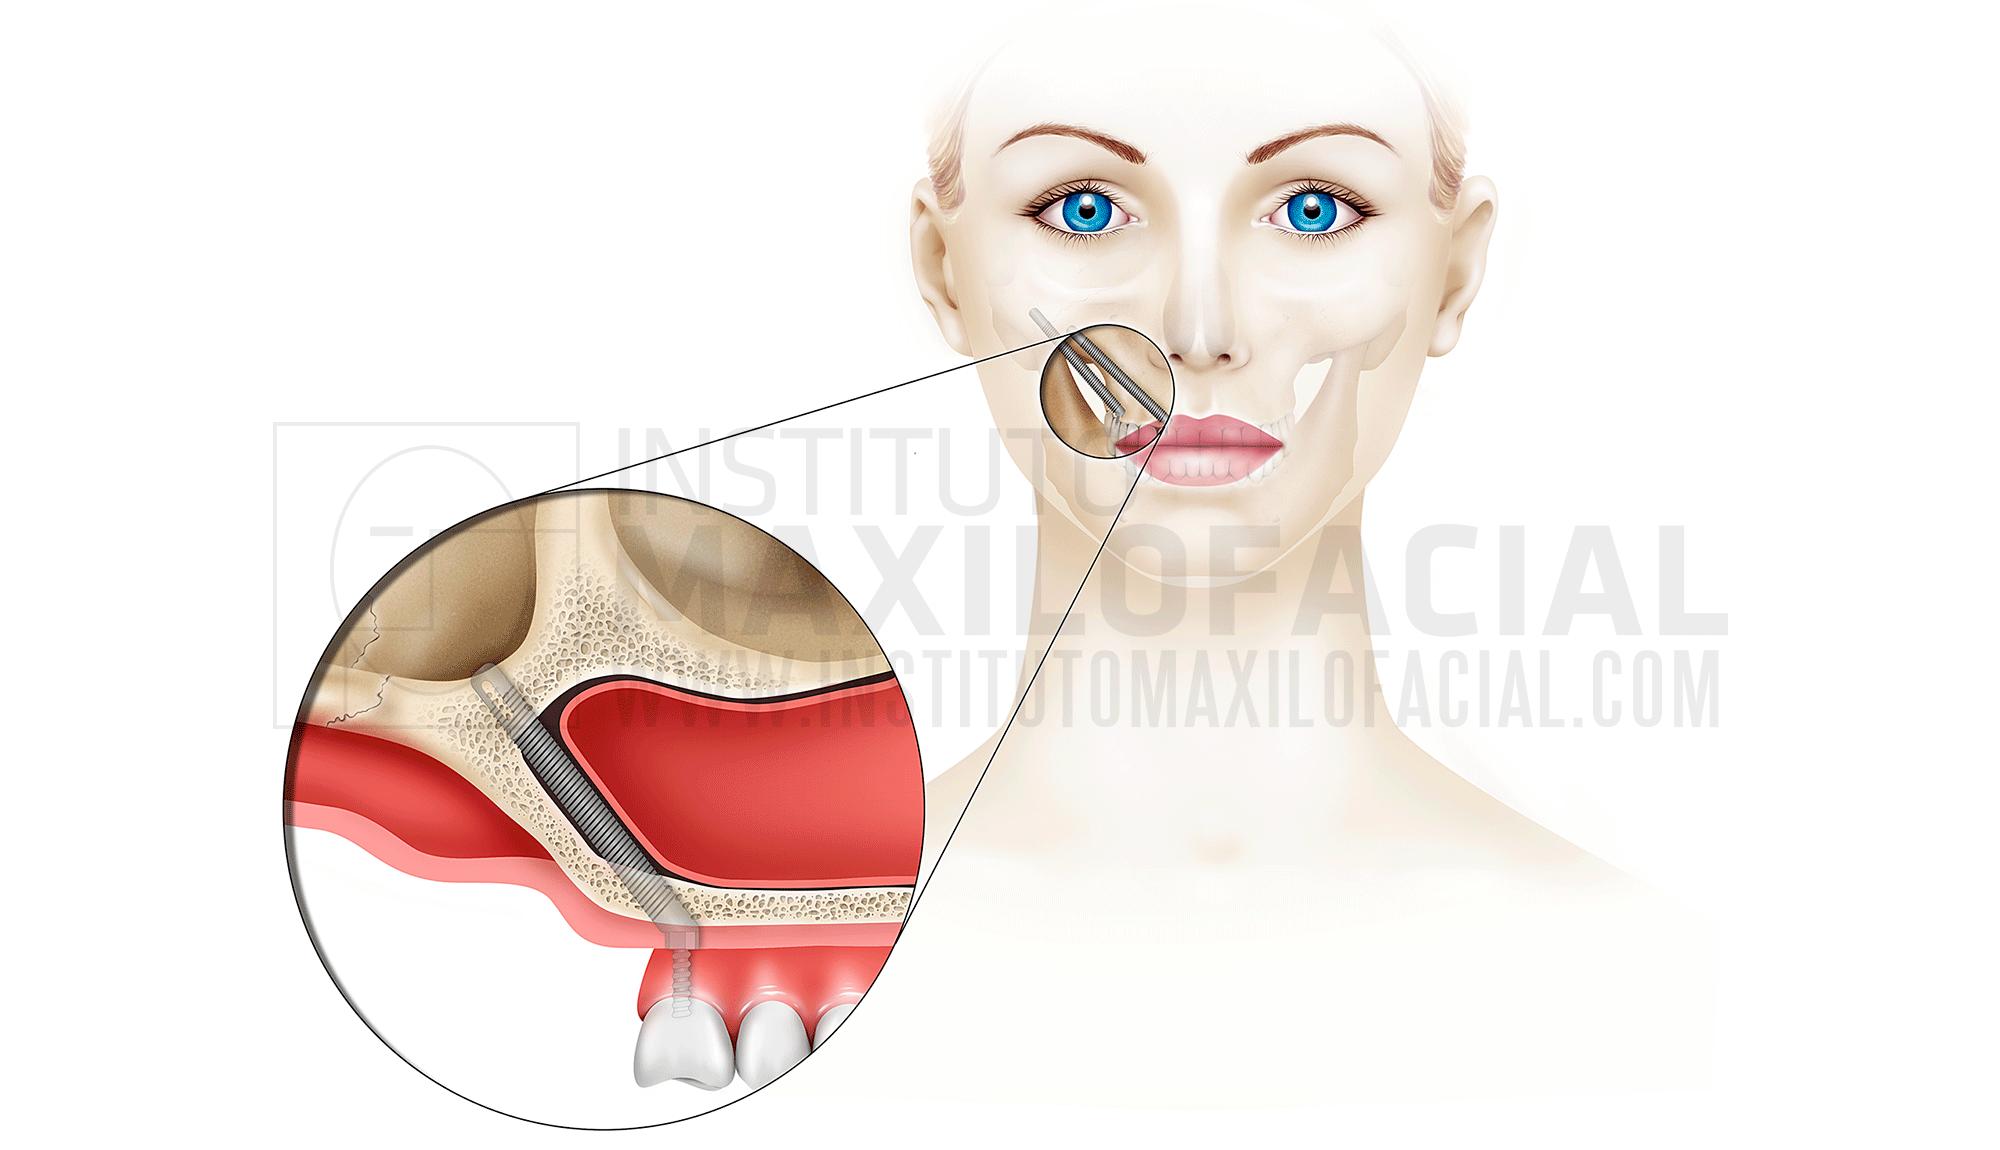 els 3 valors diferencials de l'institut maxil·lofacial